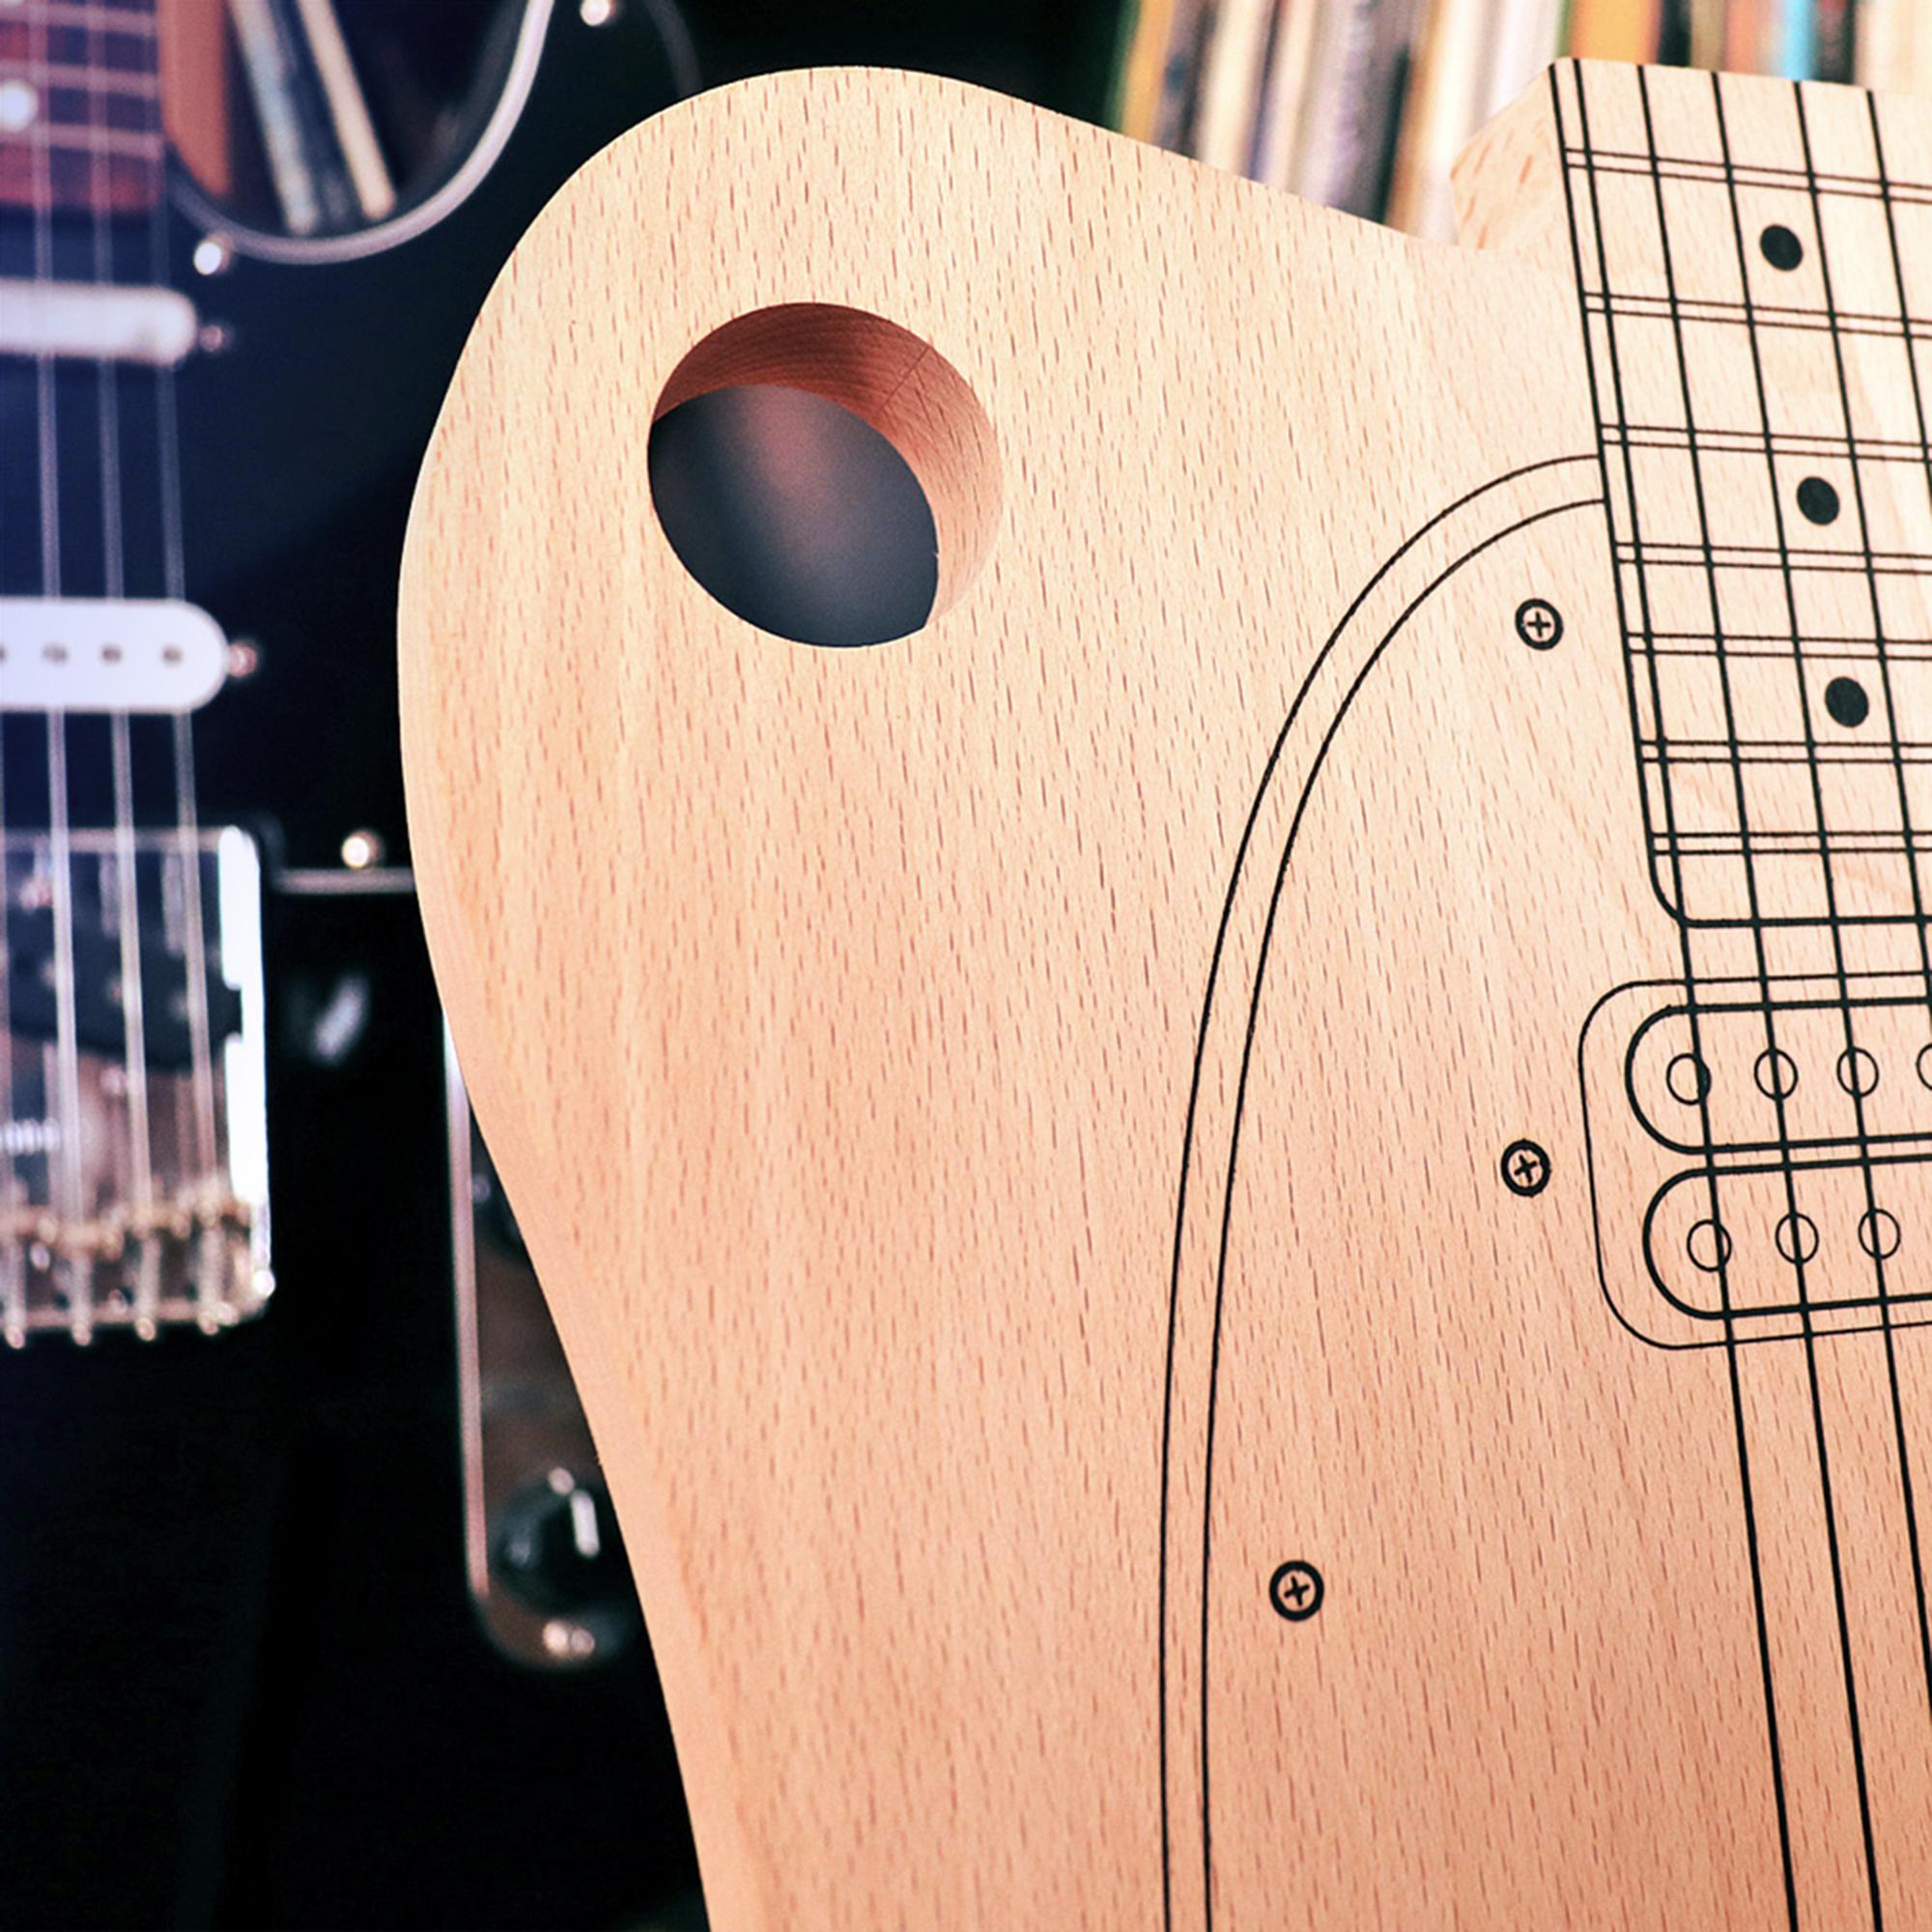 Küchenbrett Einölen ~ schneidebrett gitarre holz küchenbrett in origineller